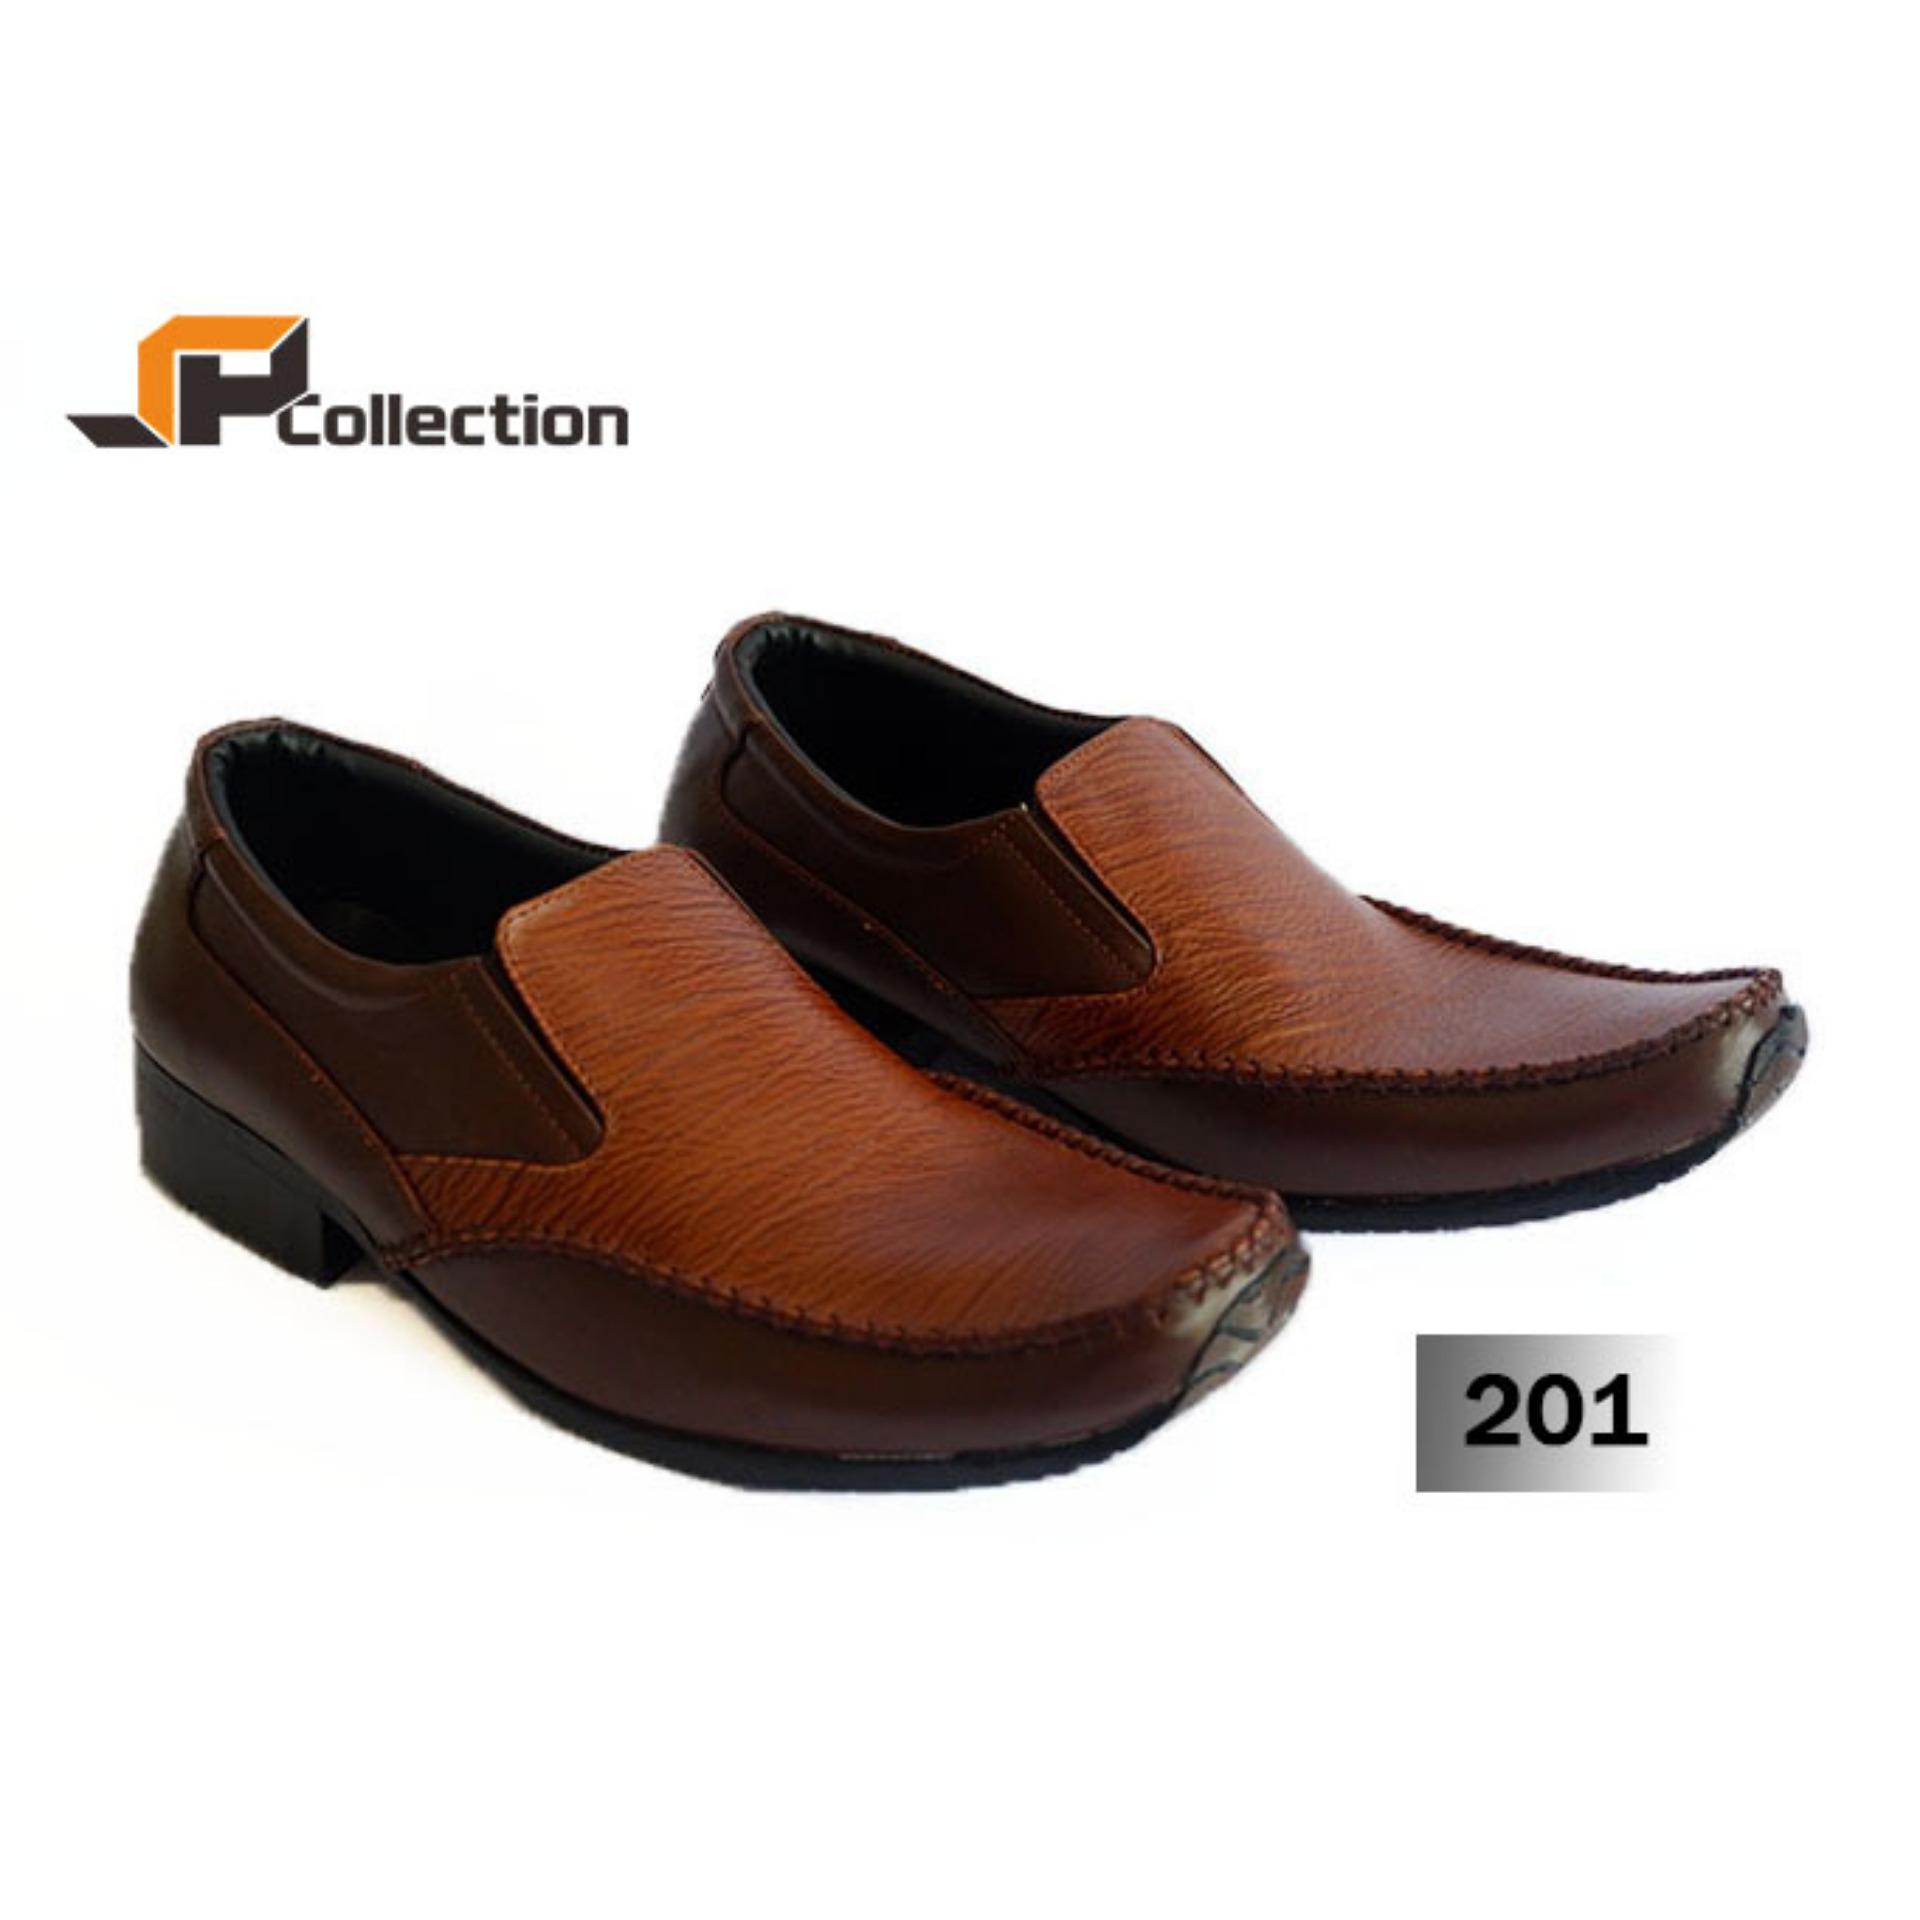 Toko Sepatu Pantofel Pdh 201 Merk Spatoo Warna Tan Sol Iris Elegan Bahan Kulit Sapi Asli Untuk Kerja Ke Kantor Tersedia Big Size Jawa Timur